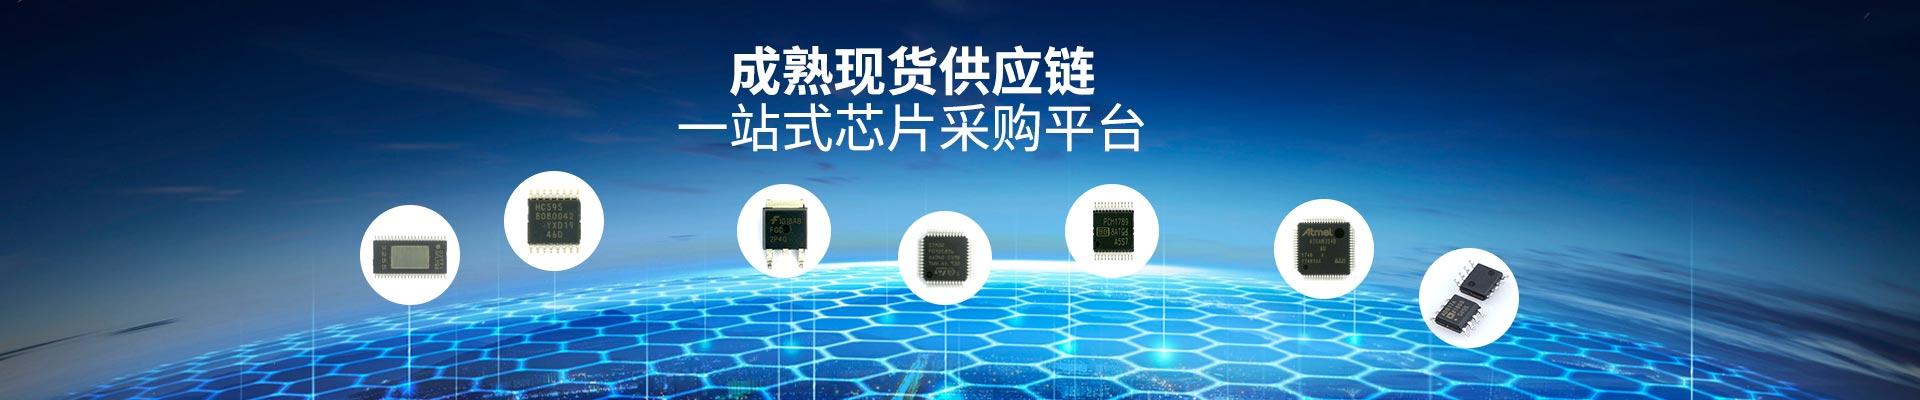 汇超电子-一站式芯片采购平台